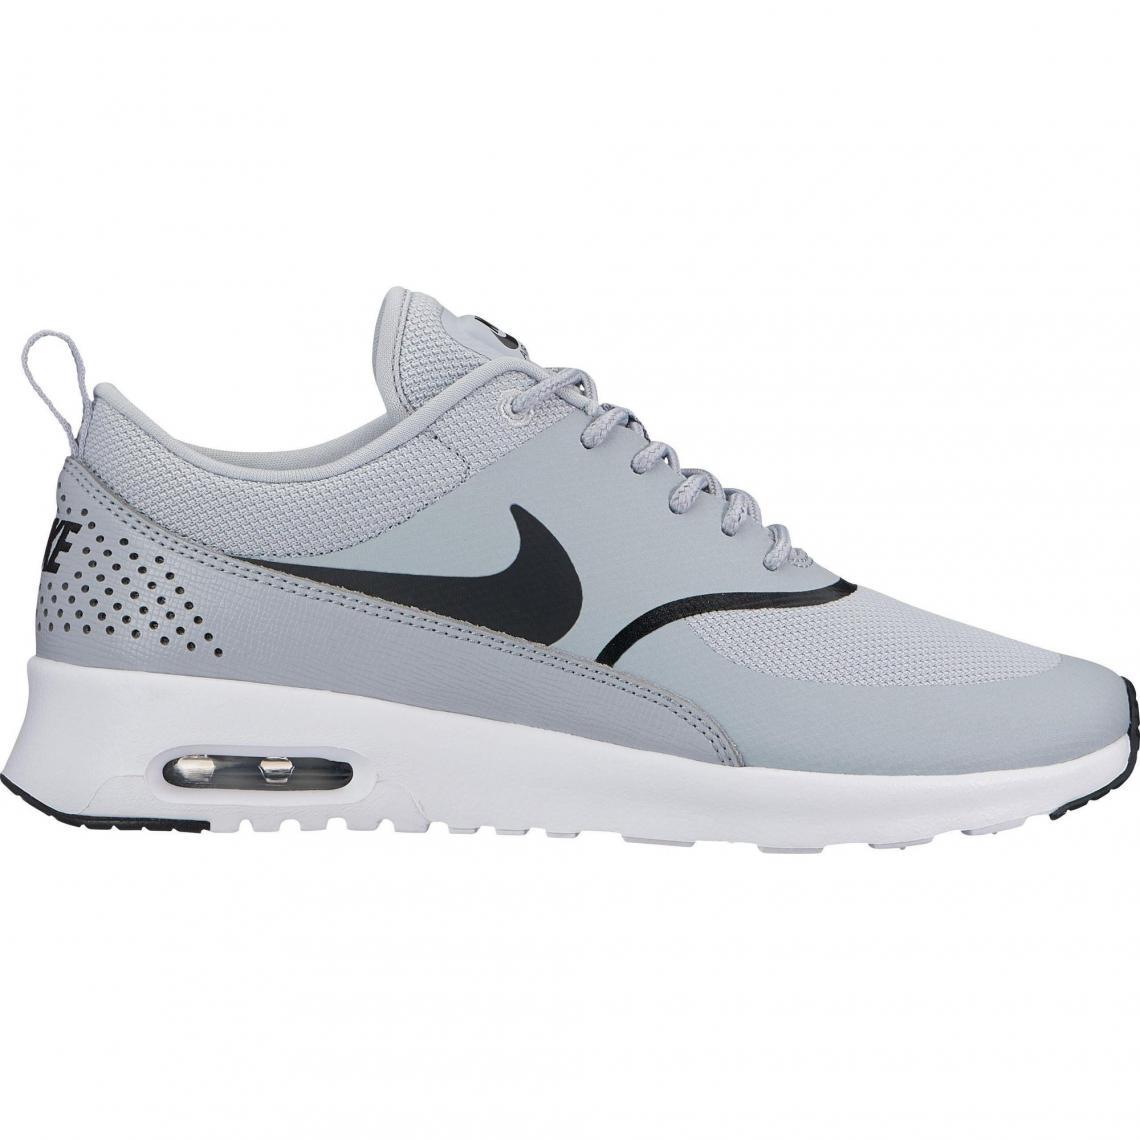 1100041554d5 2987955 Chaussures Réf Avis 45 1 Gris De Ni981079 Max Running Air Homme  Thea Nike tqwZv8w